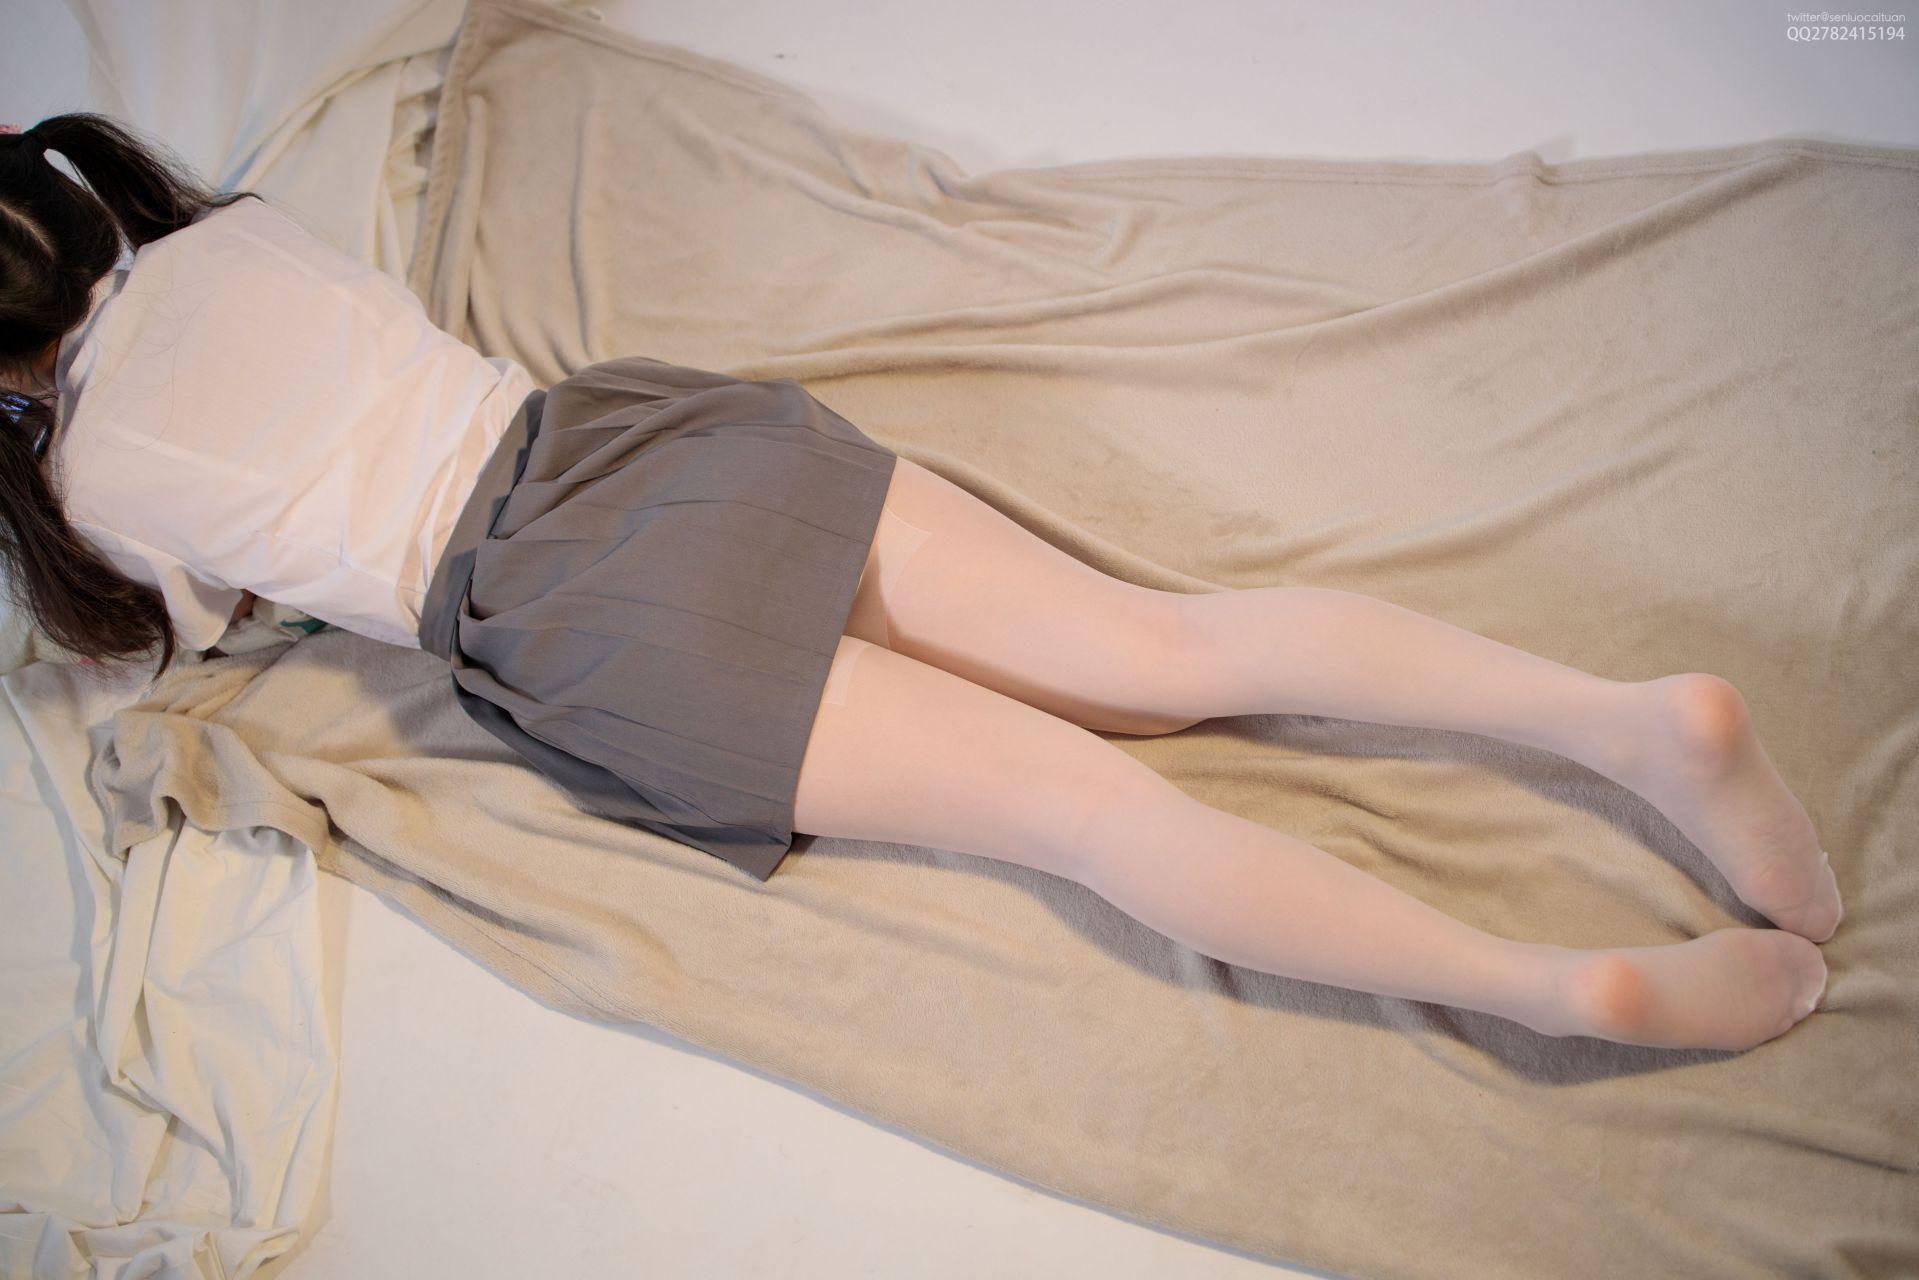 【森萝财团】 森萝财团写真 – JKFUN-052 白丝网鞋合辑 13D白丝 默陌+芝士 [104P-2V-3.44GB] JKFUN 第3张